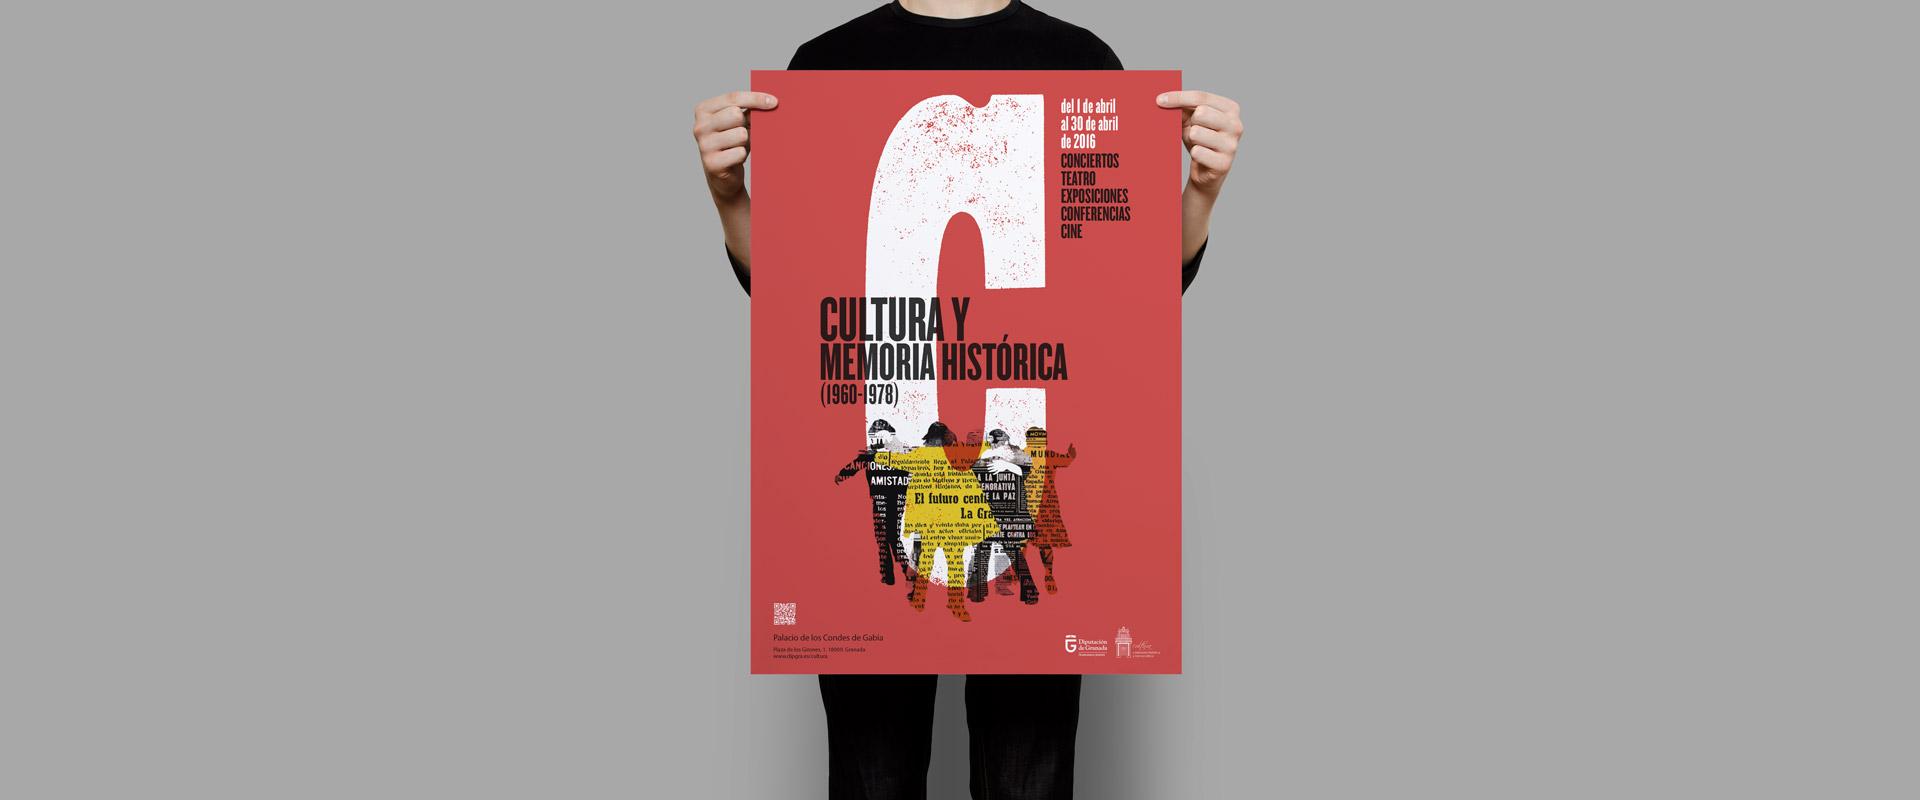 cartel jornadas Cultura y memoria historica